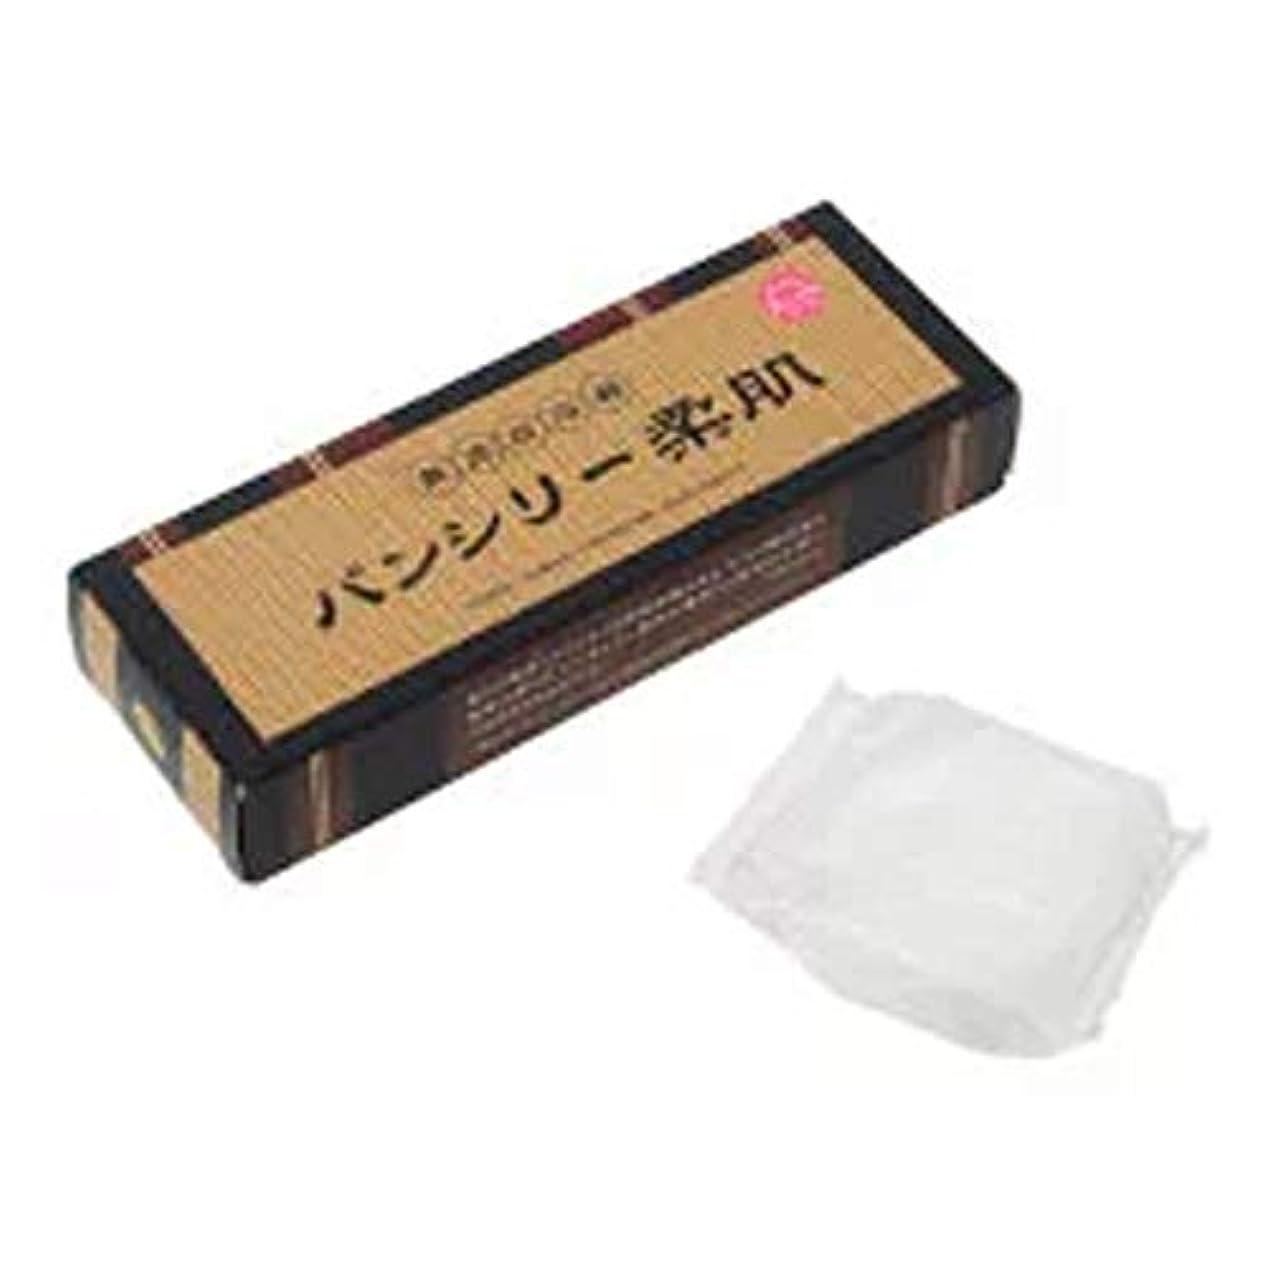 同化する主観的モットーパンシリー柔肌 60g×3個 石鹸 せっけん 渋柿 コンフリー コラーゲン ヒアルロン酸